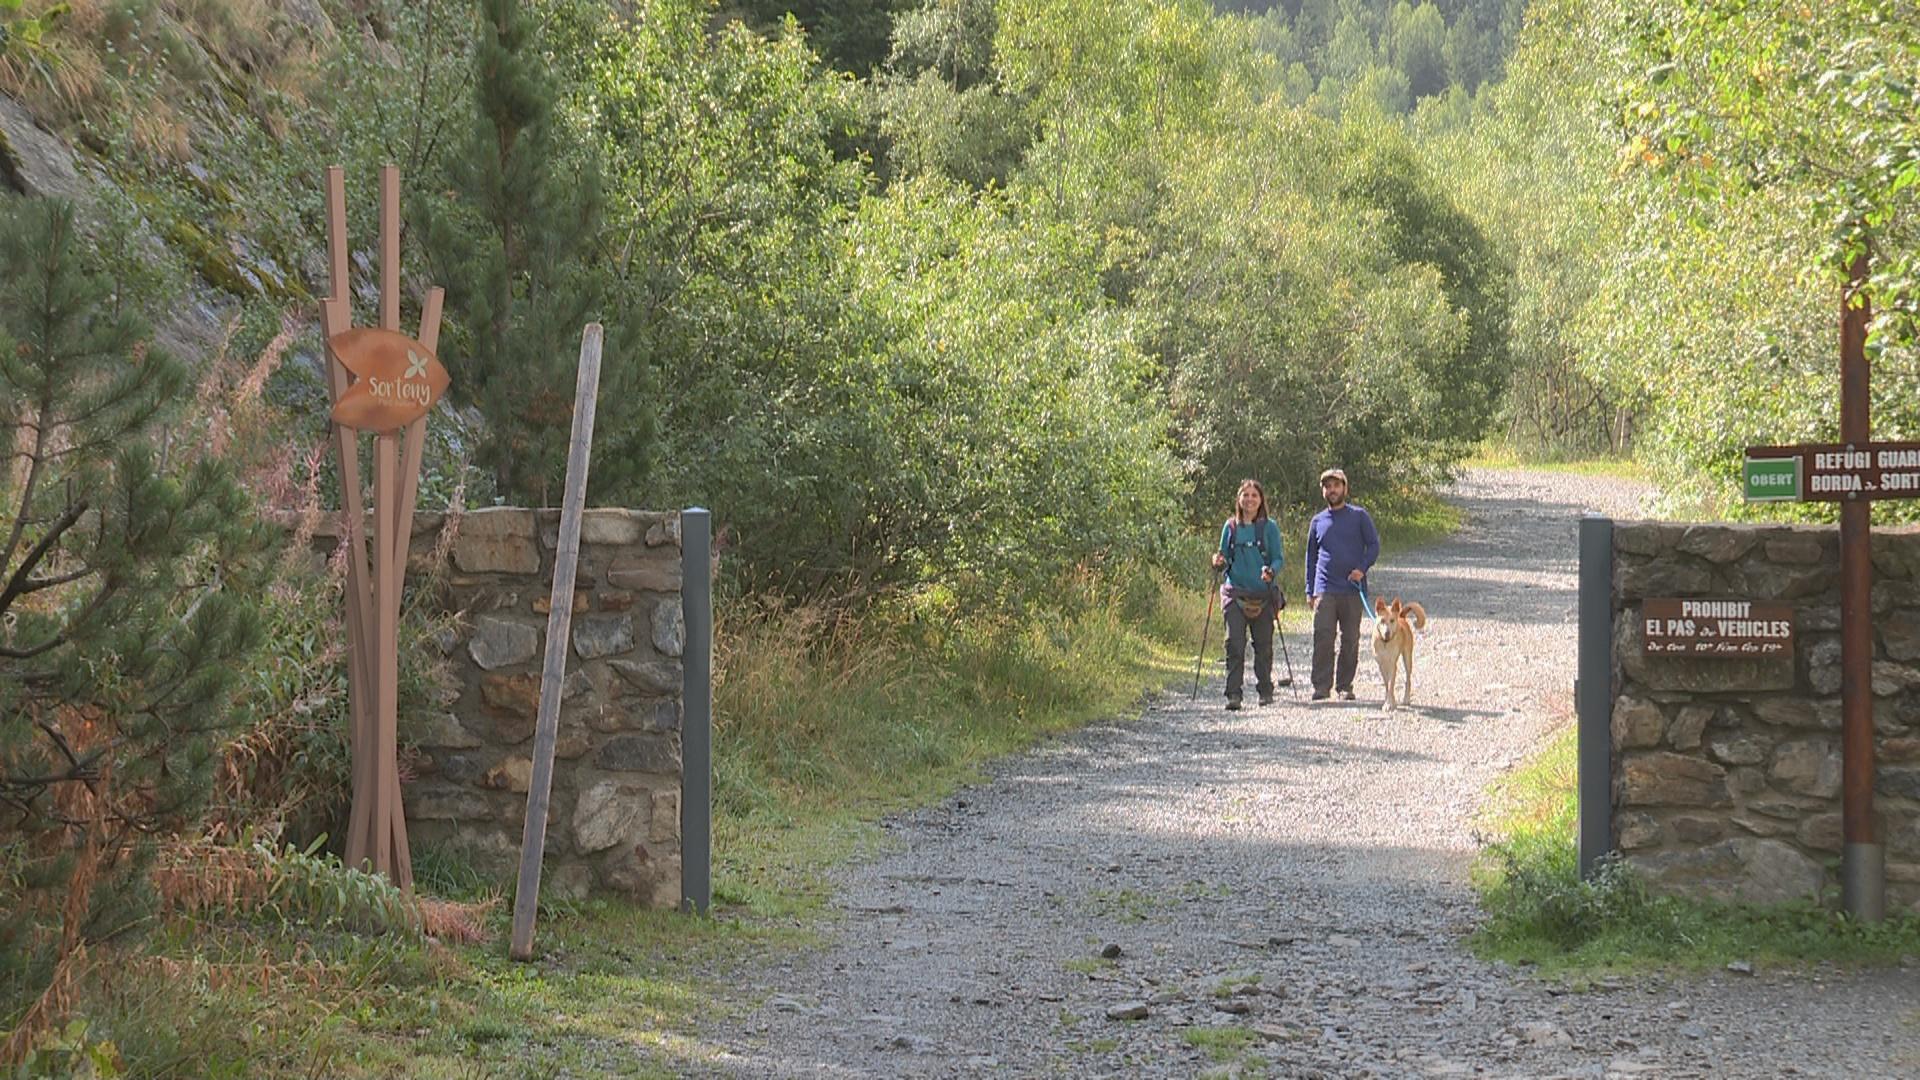 Sanció de 602 euros per accés motoritzat prohibit a la vall de Sorteny